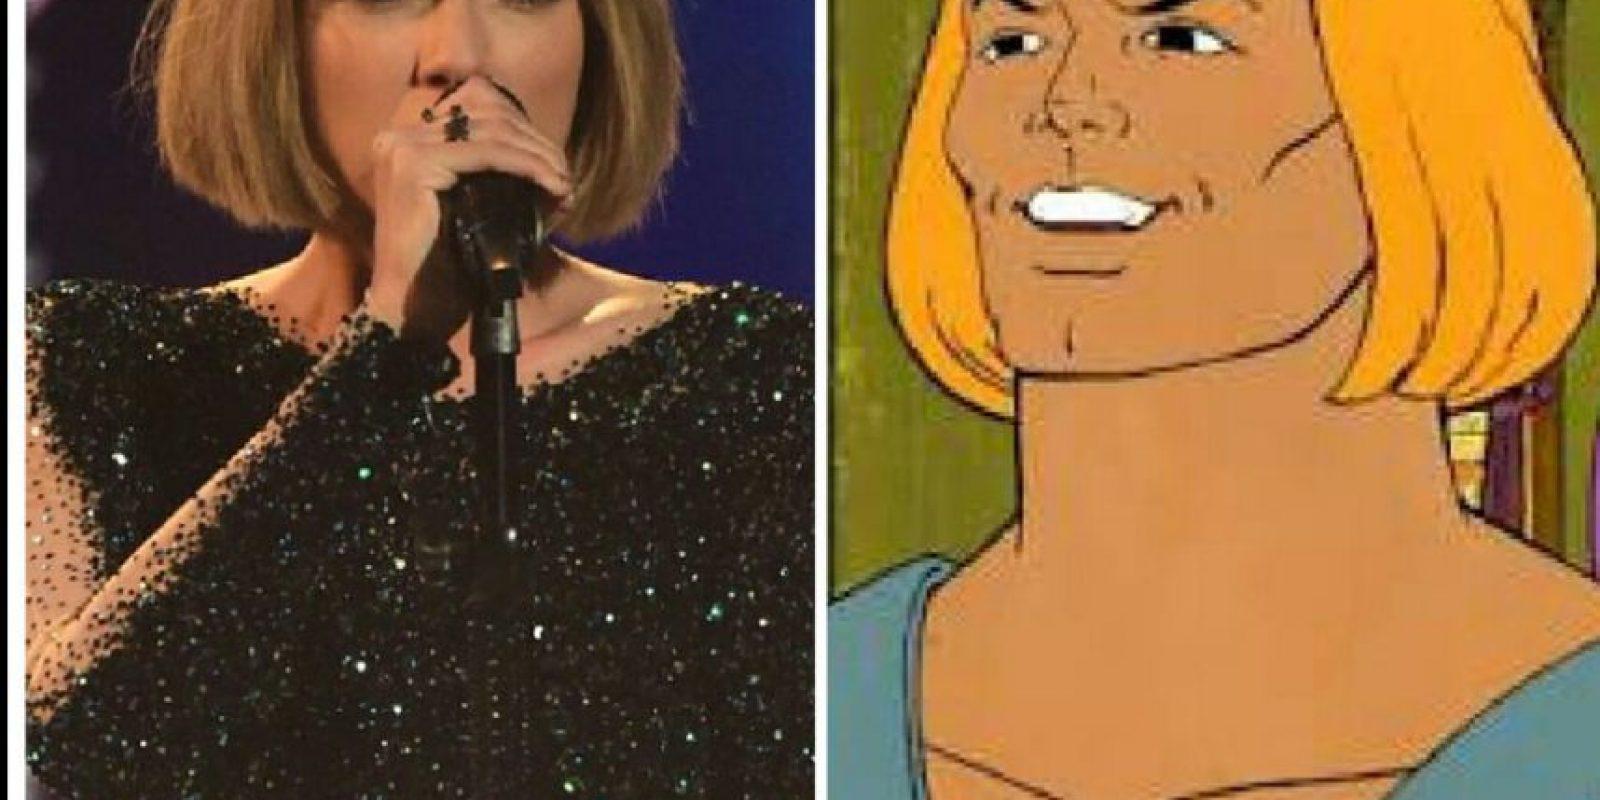 El peinado de Taylor Swift también lo criticaron. Foto:vía Twitter